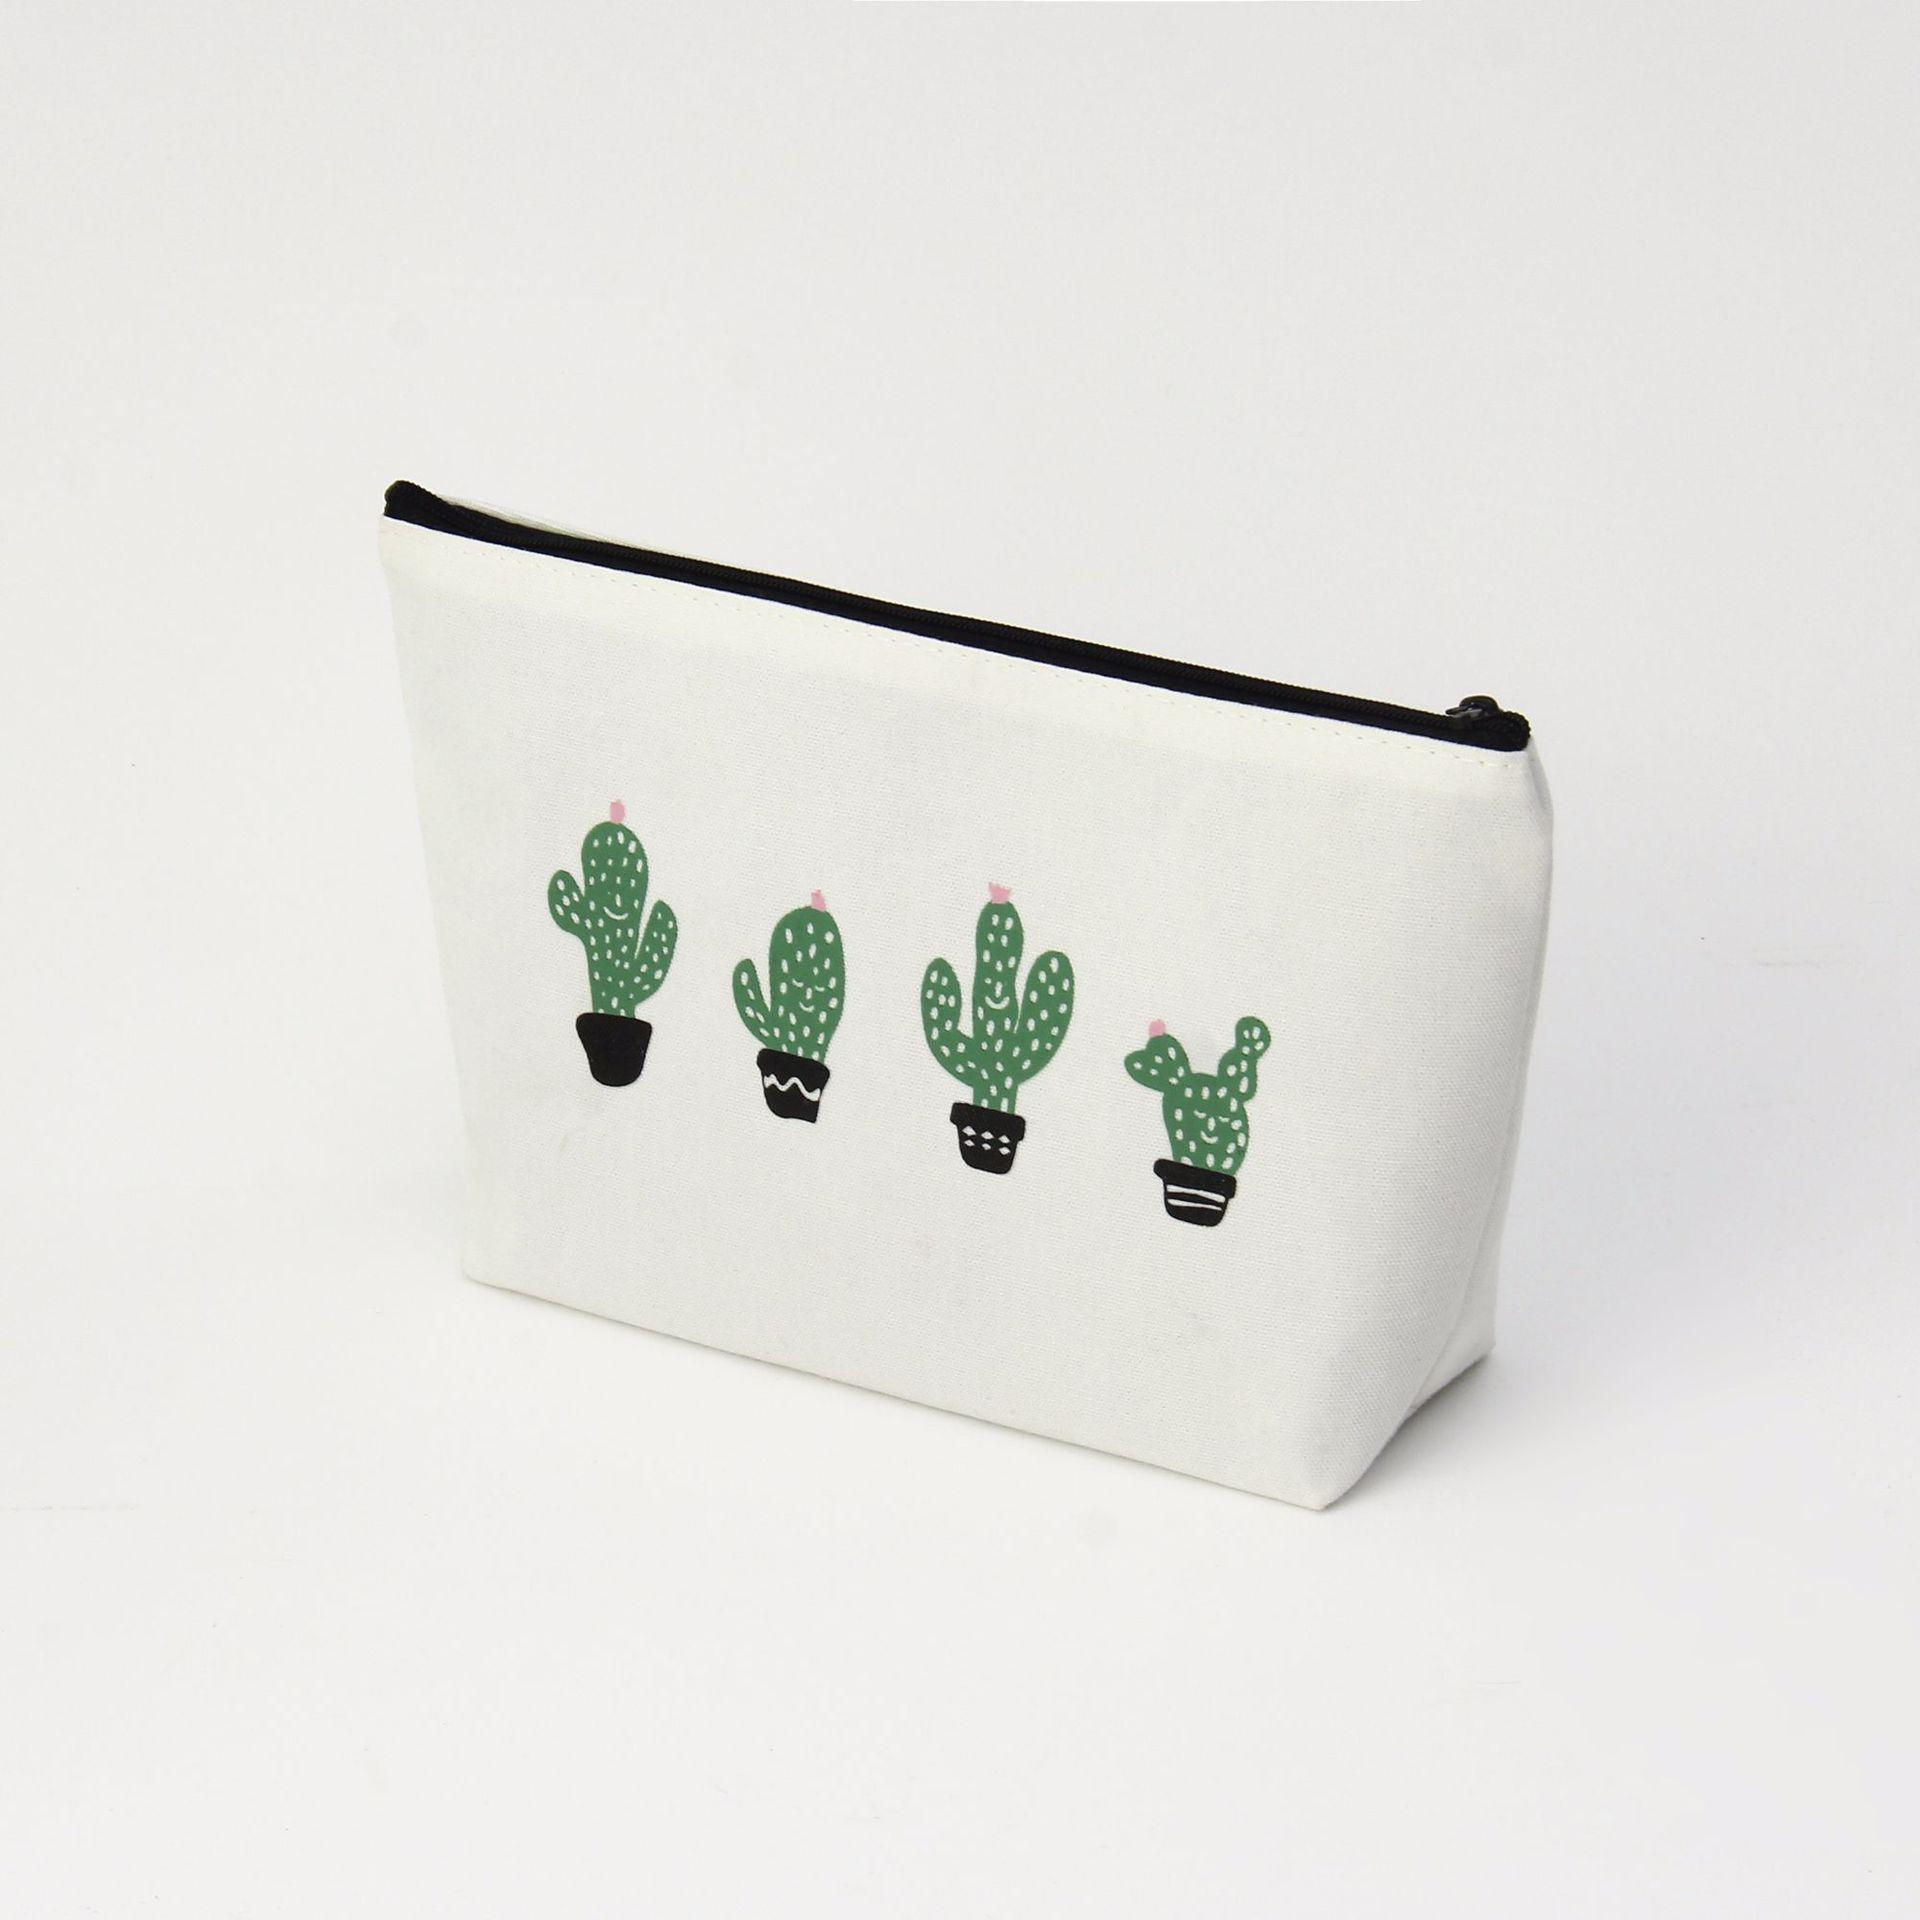 d381a65d5b91 Trendy Cactus Toiletry Pouch